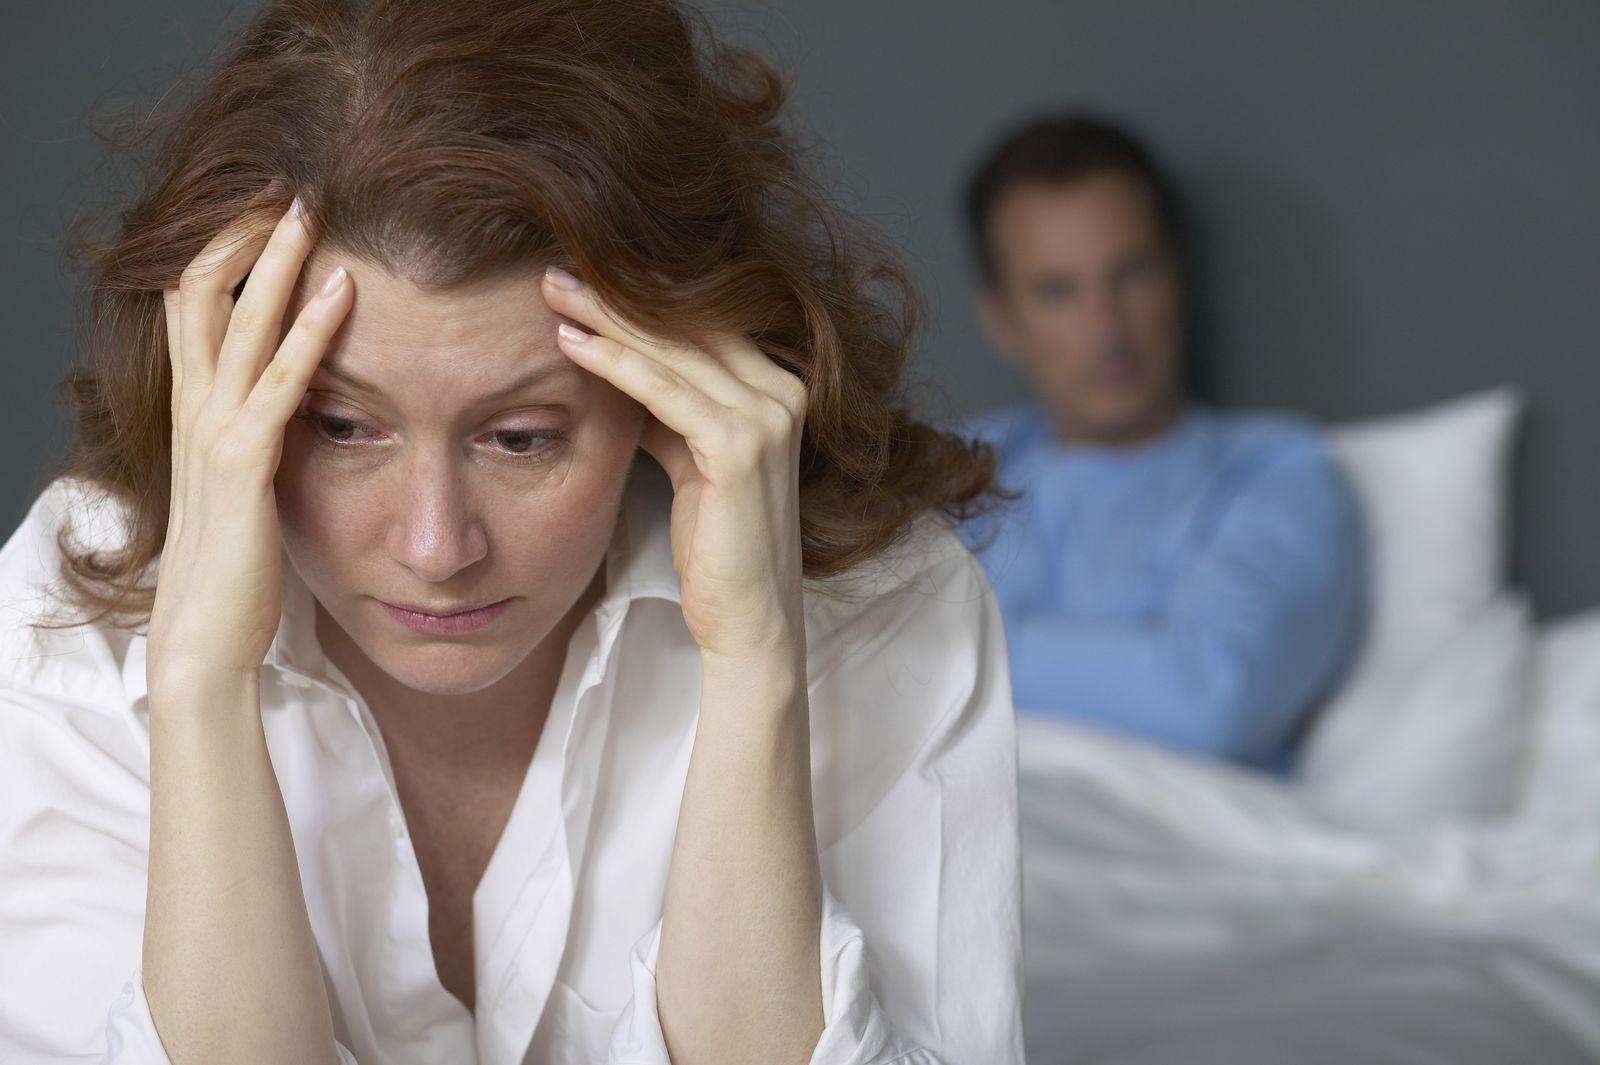 NICHT MEHR VERWENDEN! - Ehe/ Beziehung/ Scheidung/ Trennung